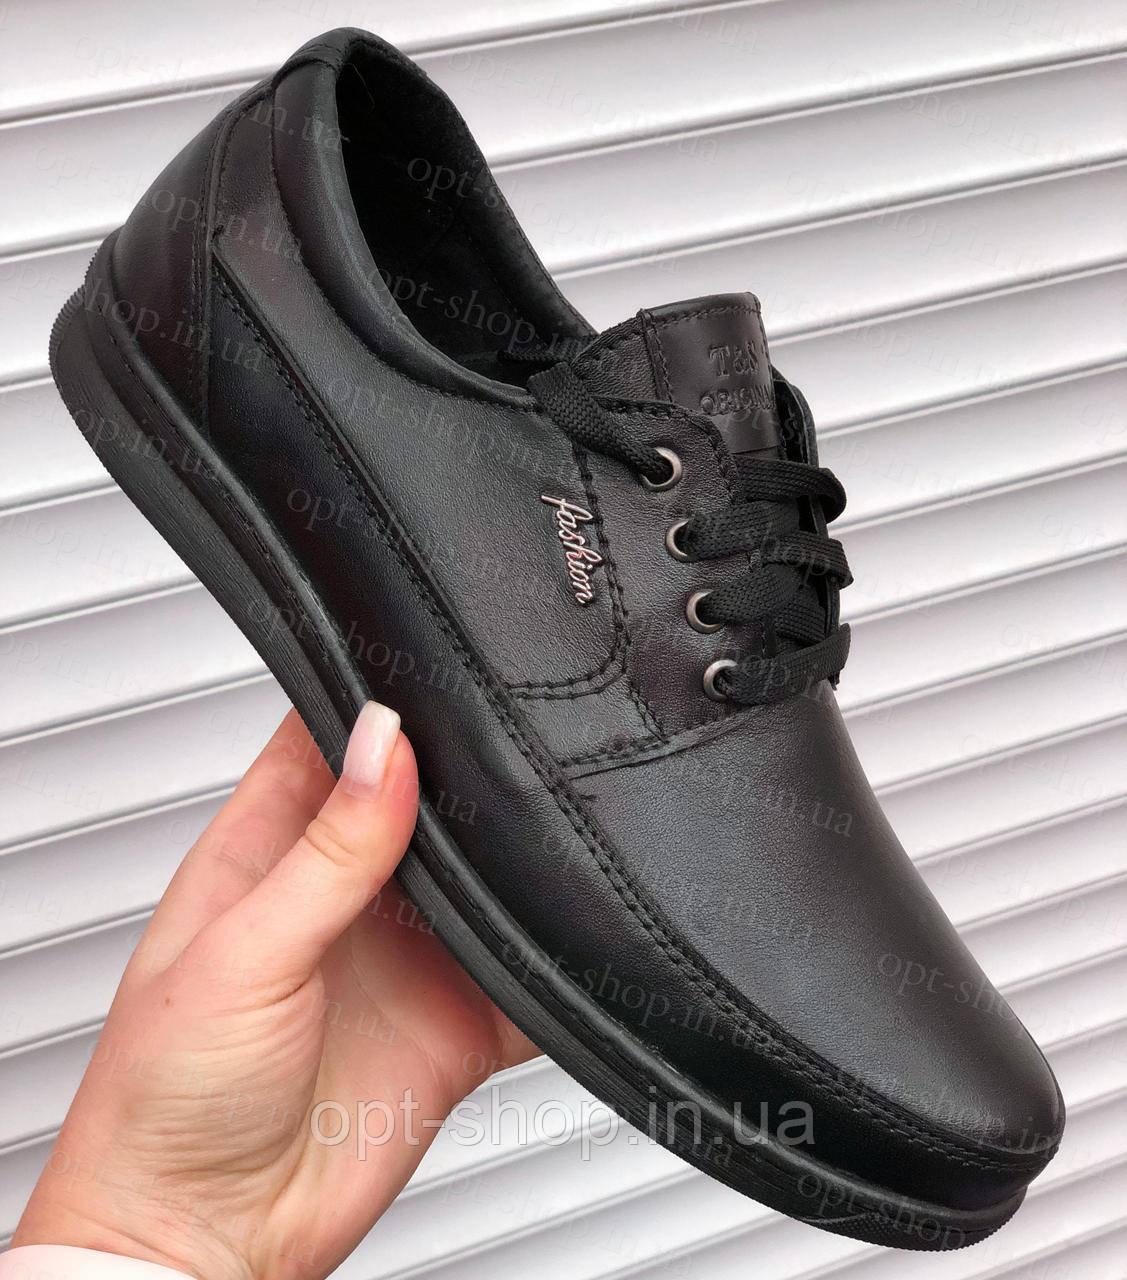 Туфли мужские кожаные прошитые на шнурке от производителя, туфлі чоловічі шкіряні прошиті від виробника